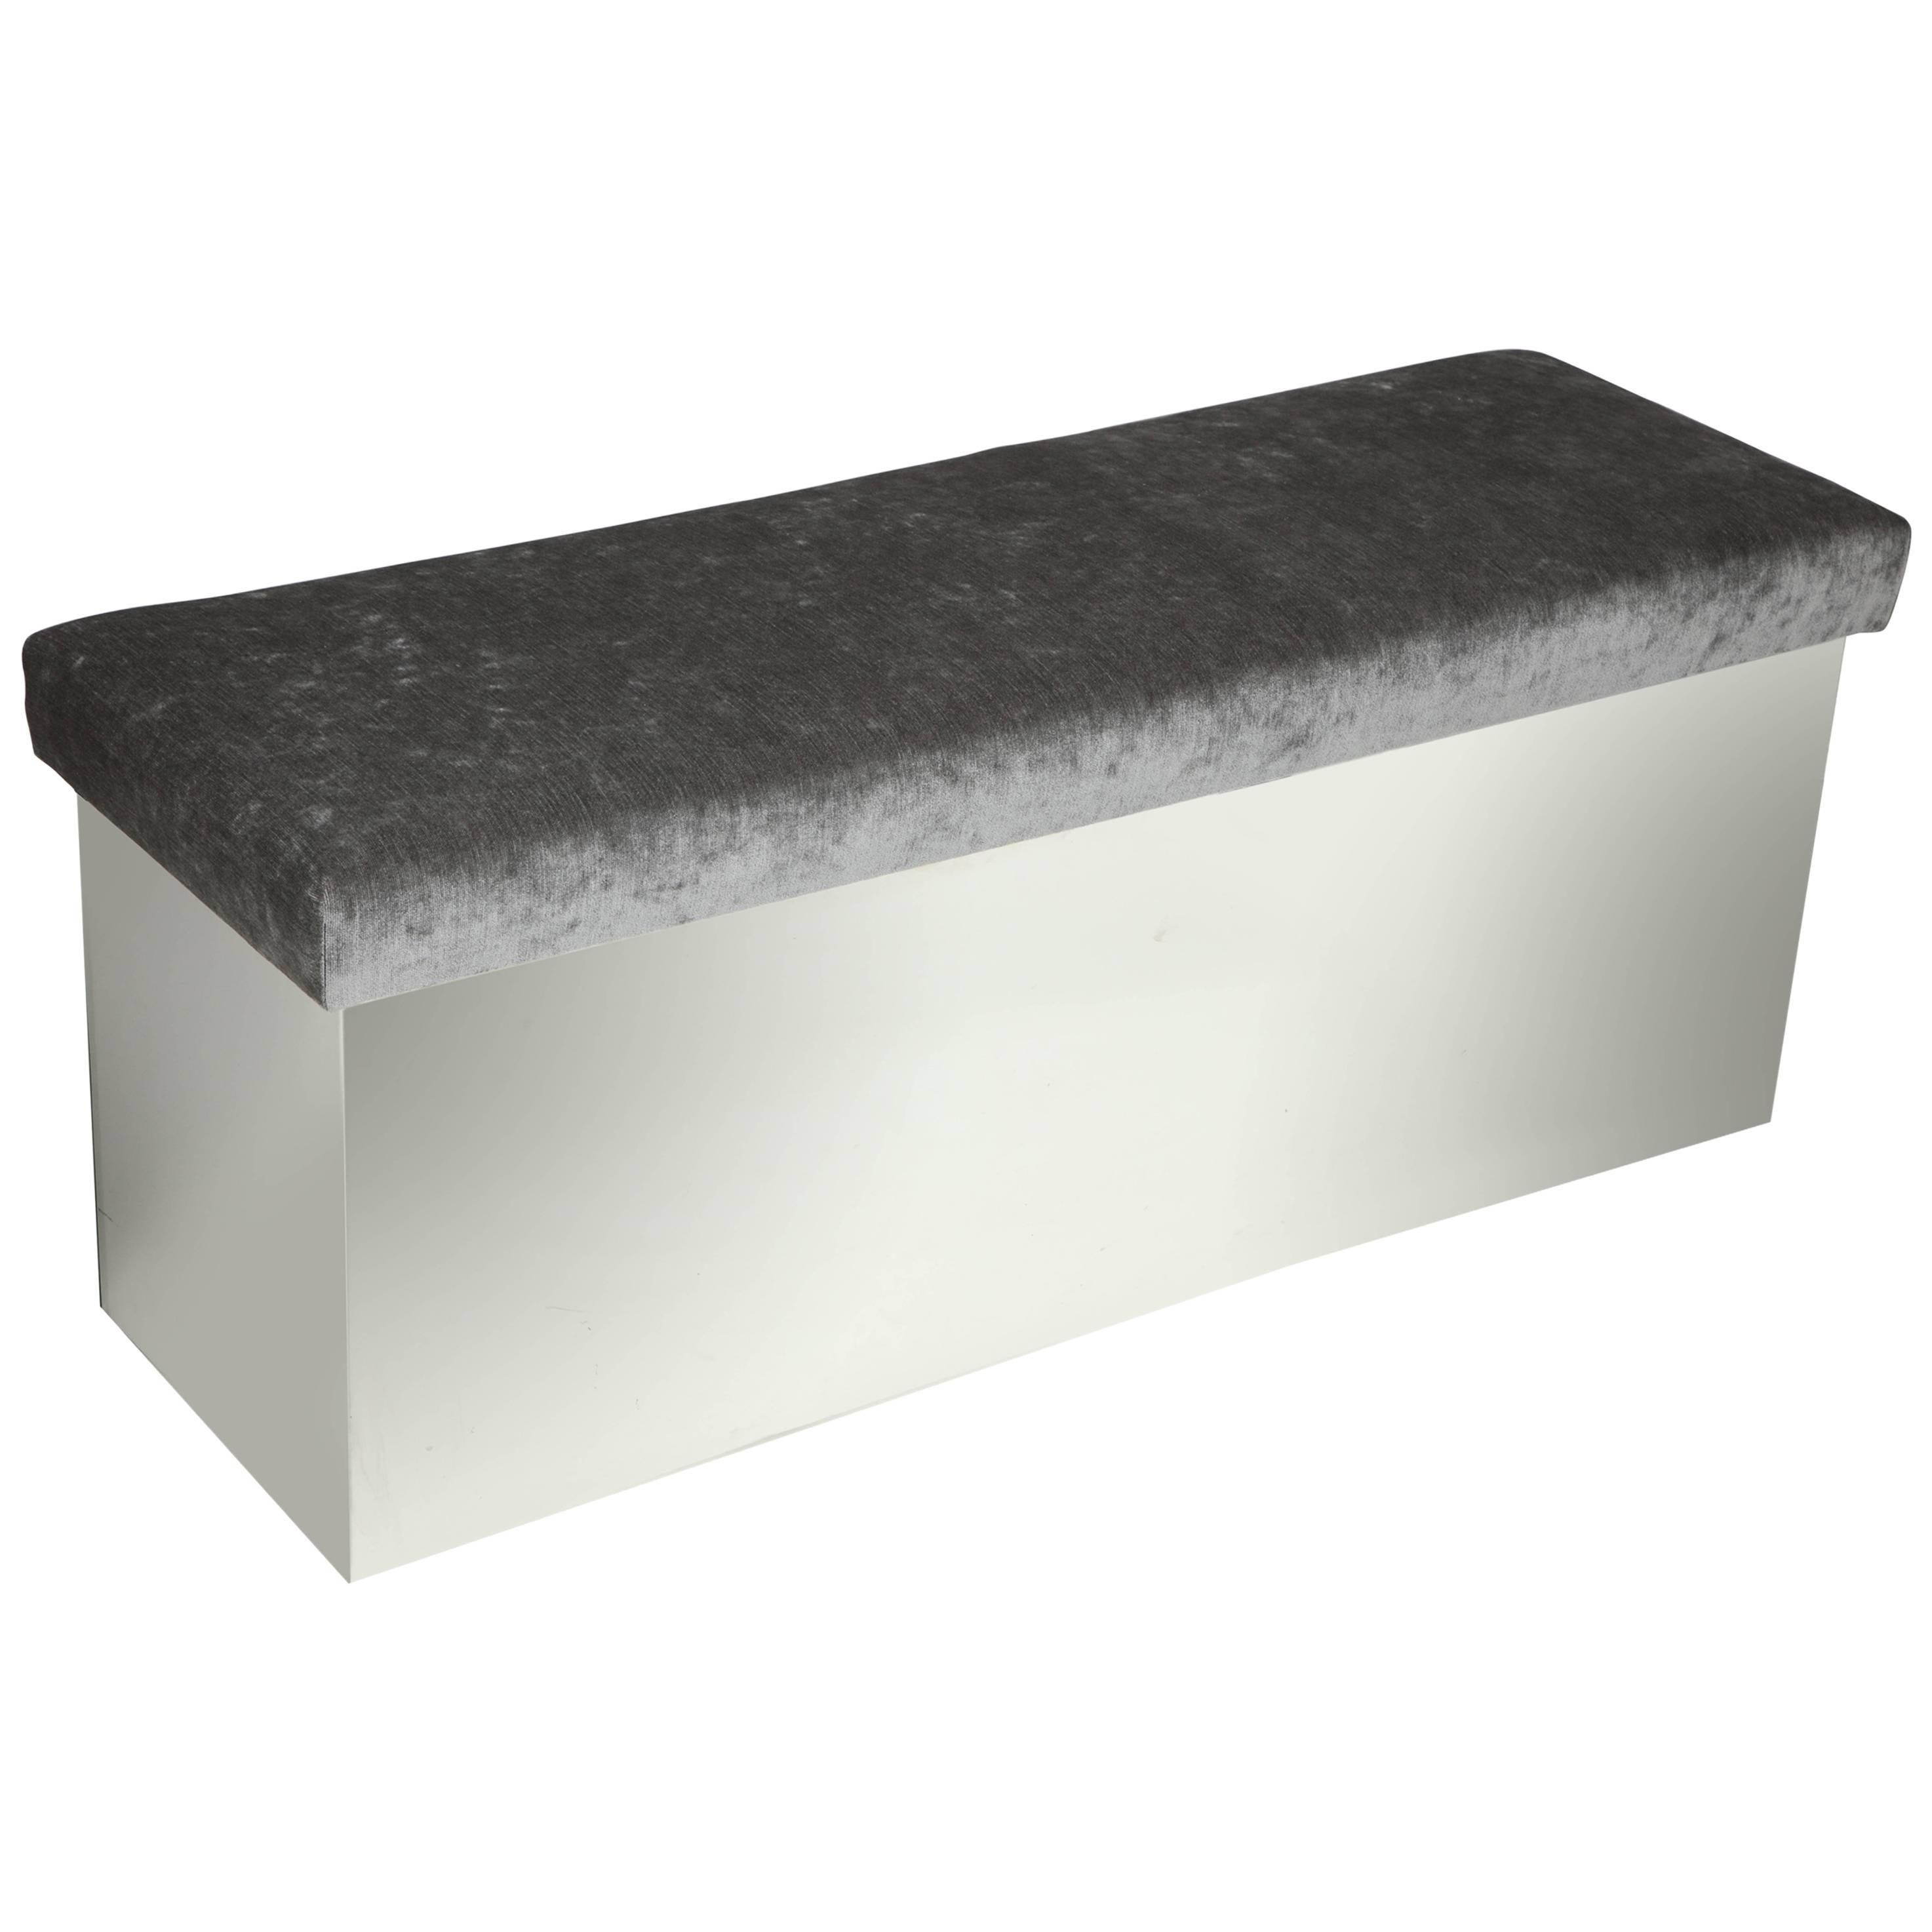 Wrapped Stainless Bench Upholstered in Grey Velvet